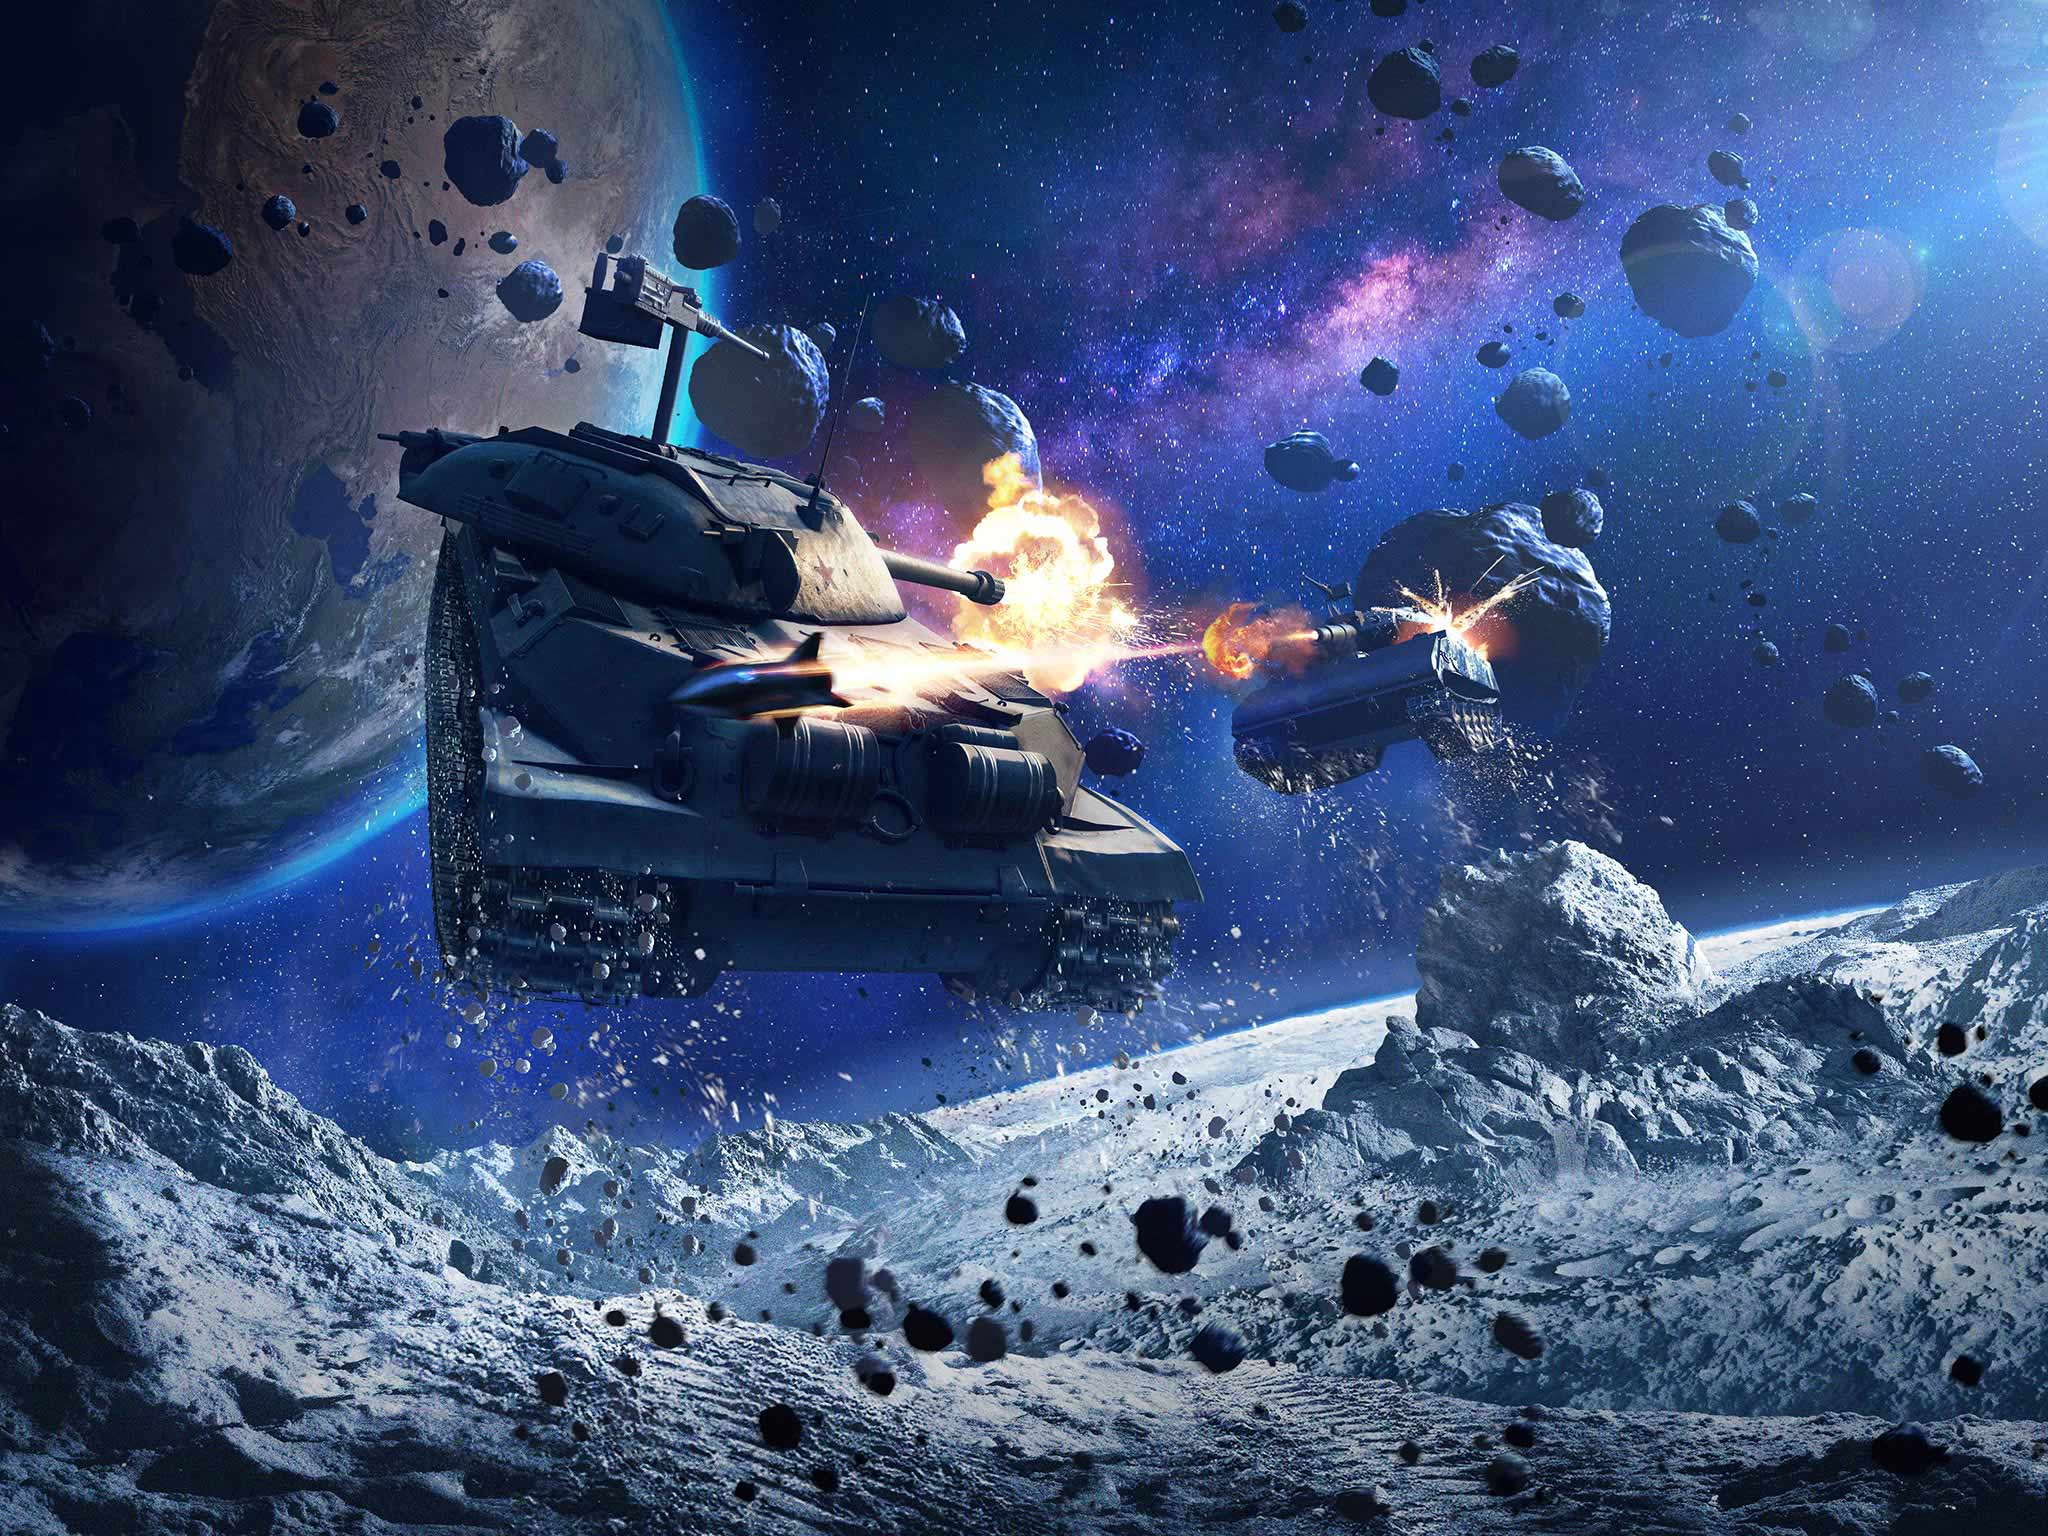 Tryb Gravity Force w World of Tanks Blitz - wygraj działkę na Księżycu 24